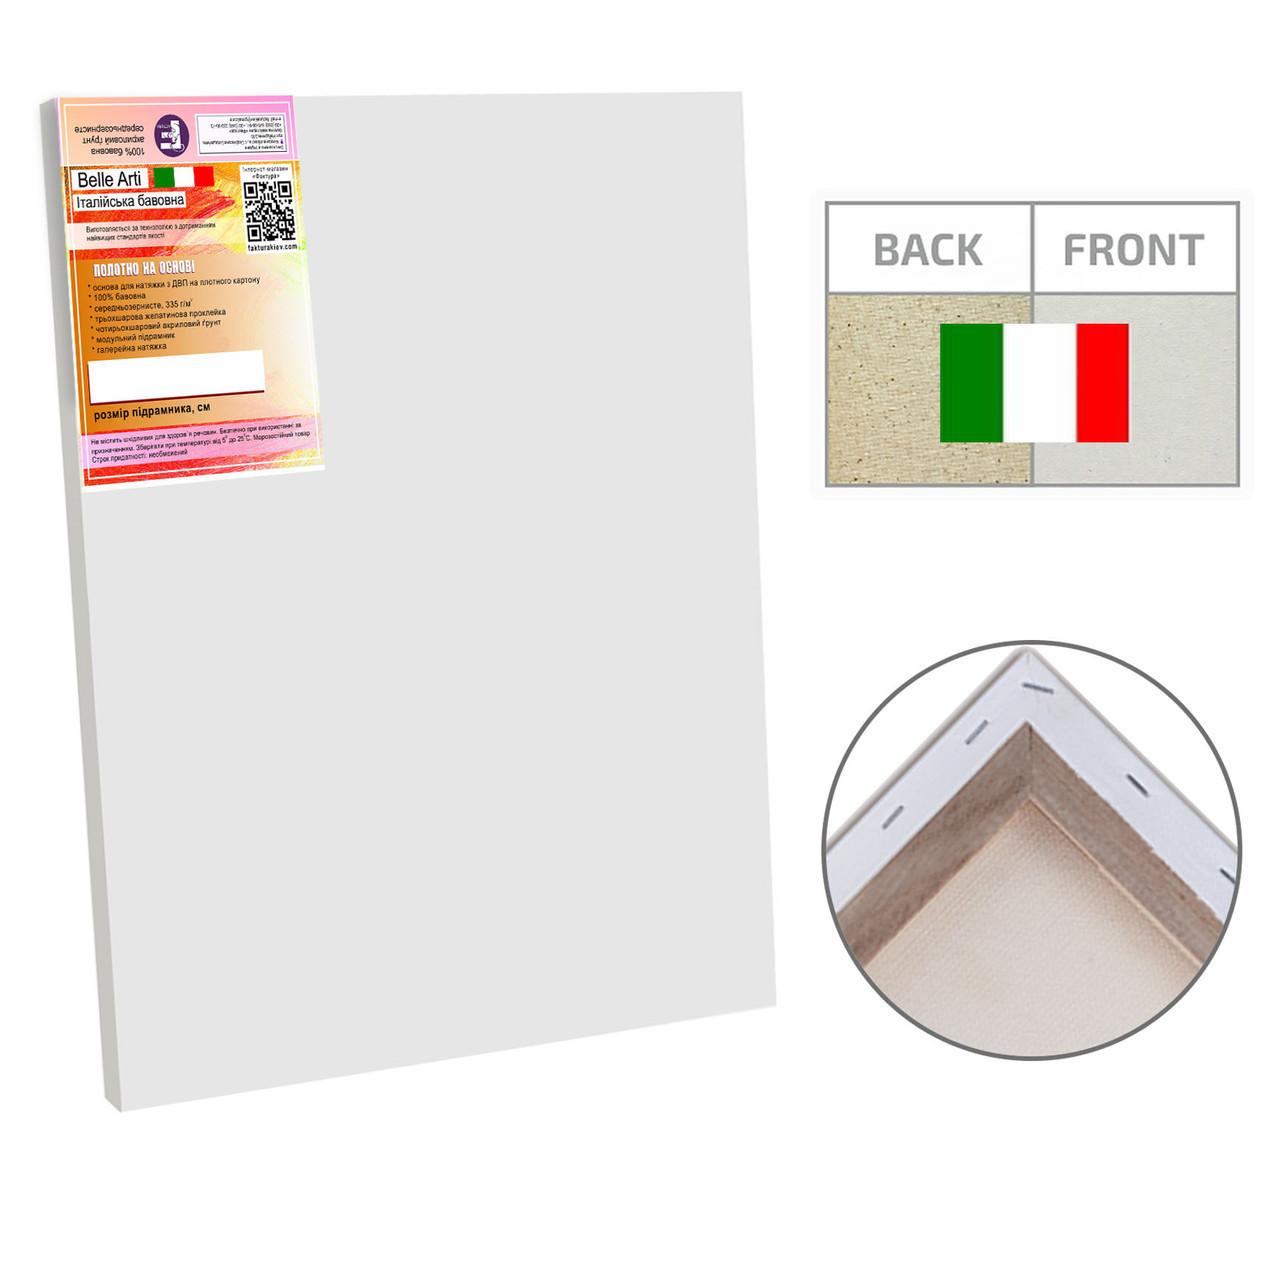 Холст на подрамнике Factura BelleArti 15х15 см Итальянский хлопок 285 грамм кв.м. среднее зерно белый